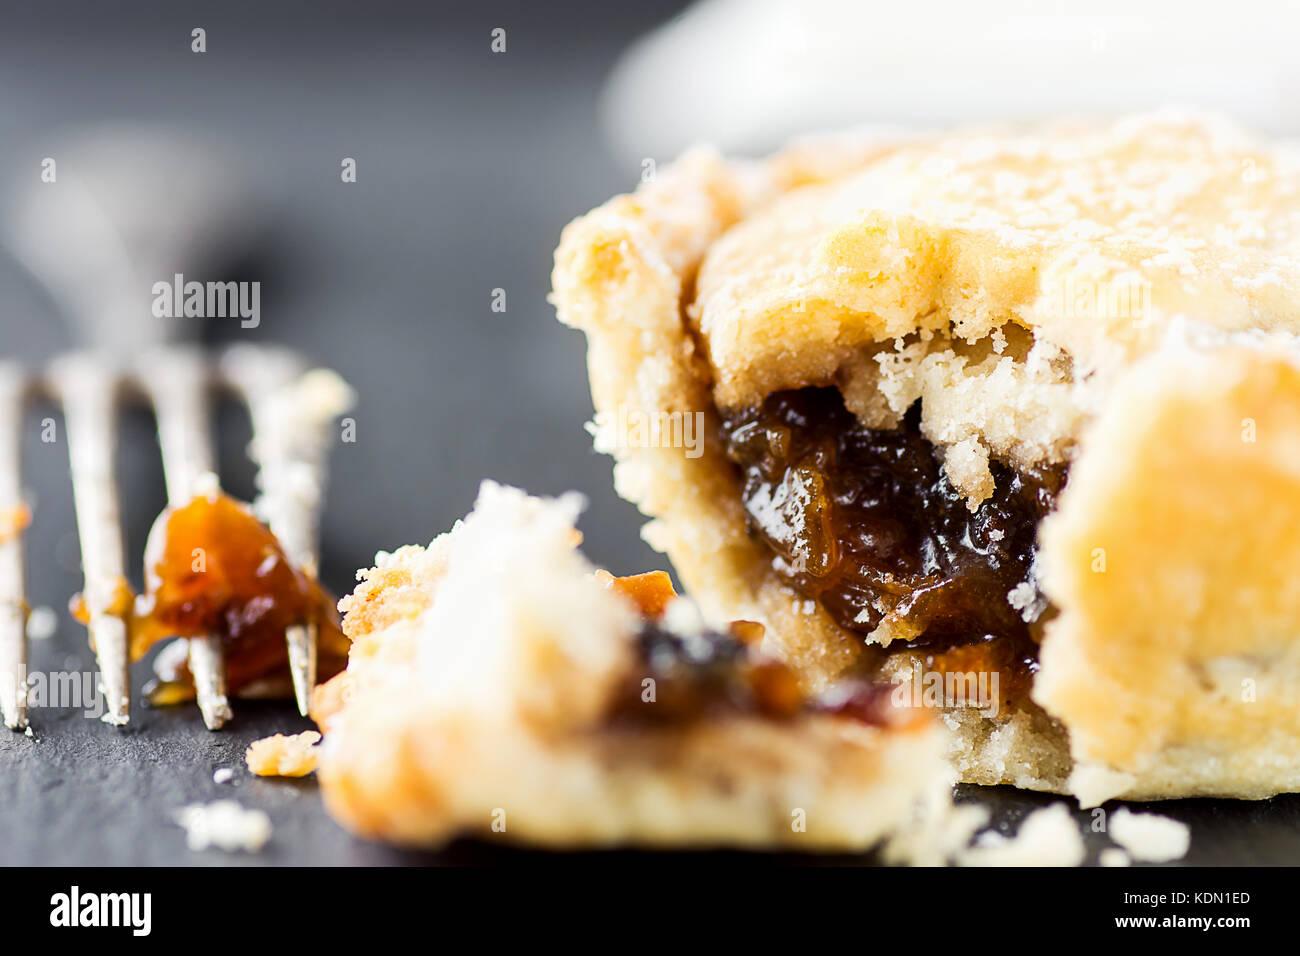 Traditionelle britische Weihnachten Backwaren Dessert hausgemachte Torte mit Apfel Rosinen Nüsse füllen. Öffnen Stockfoto